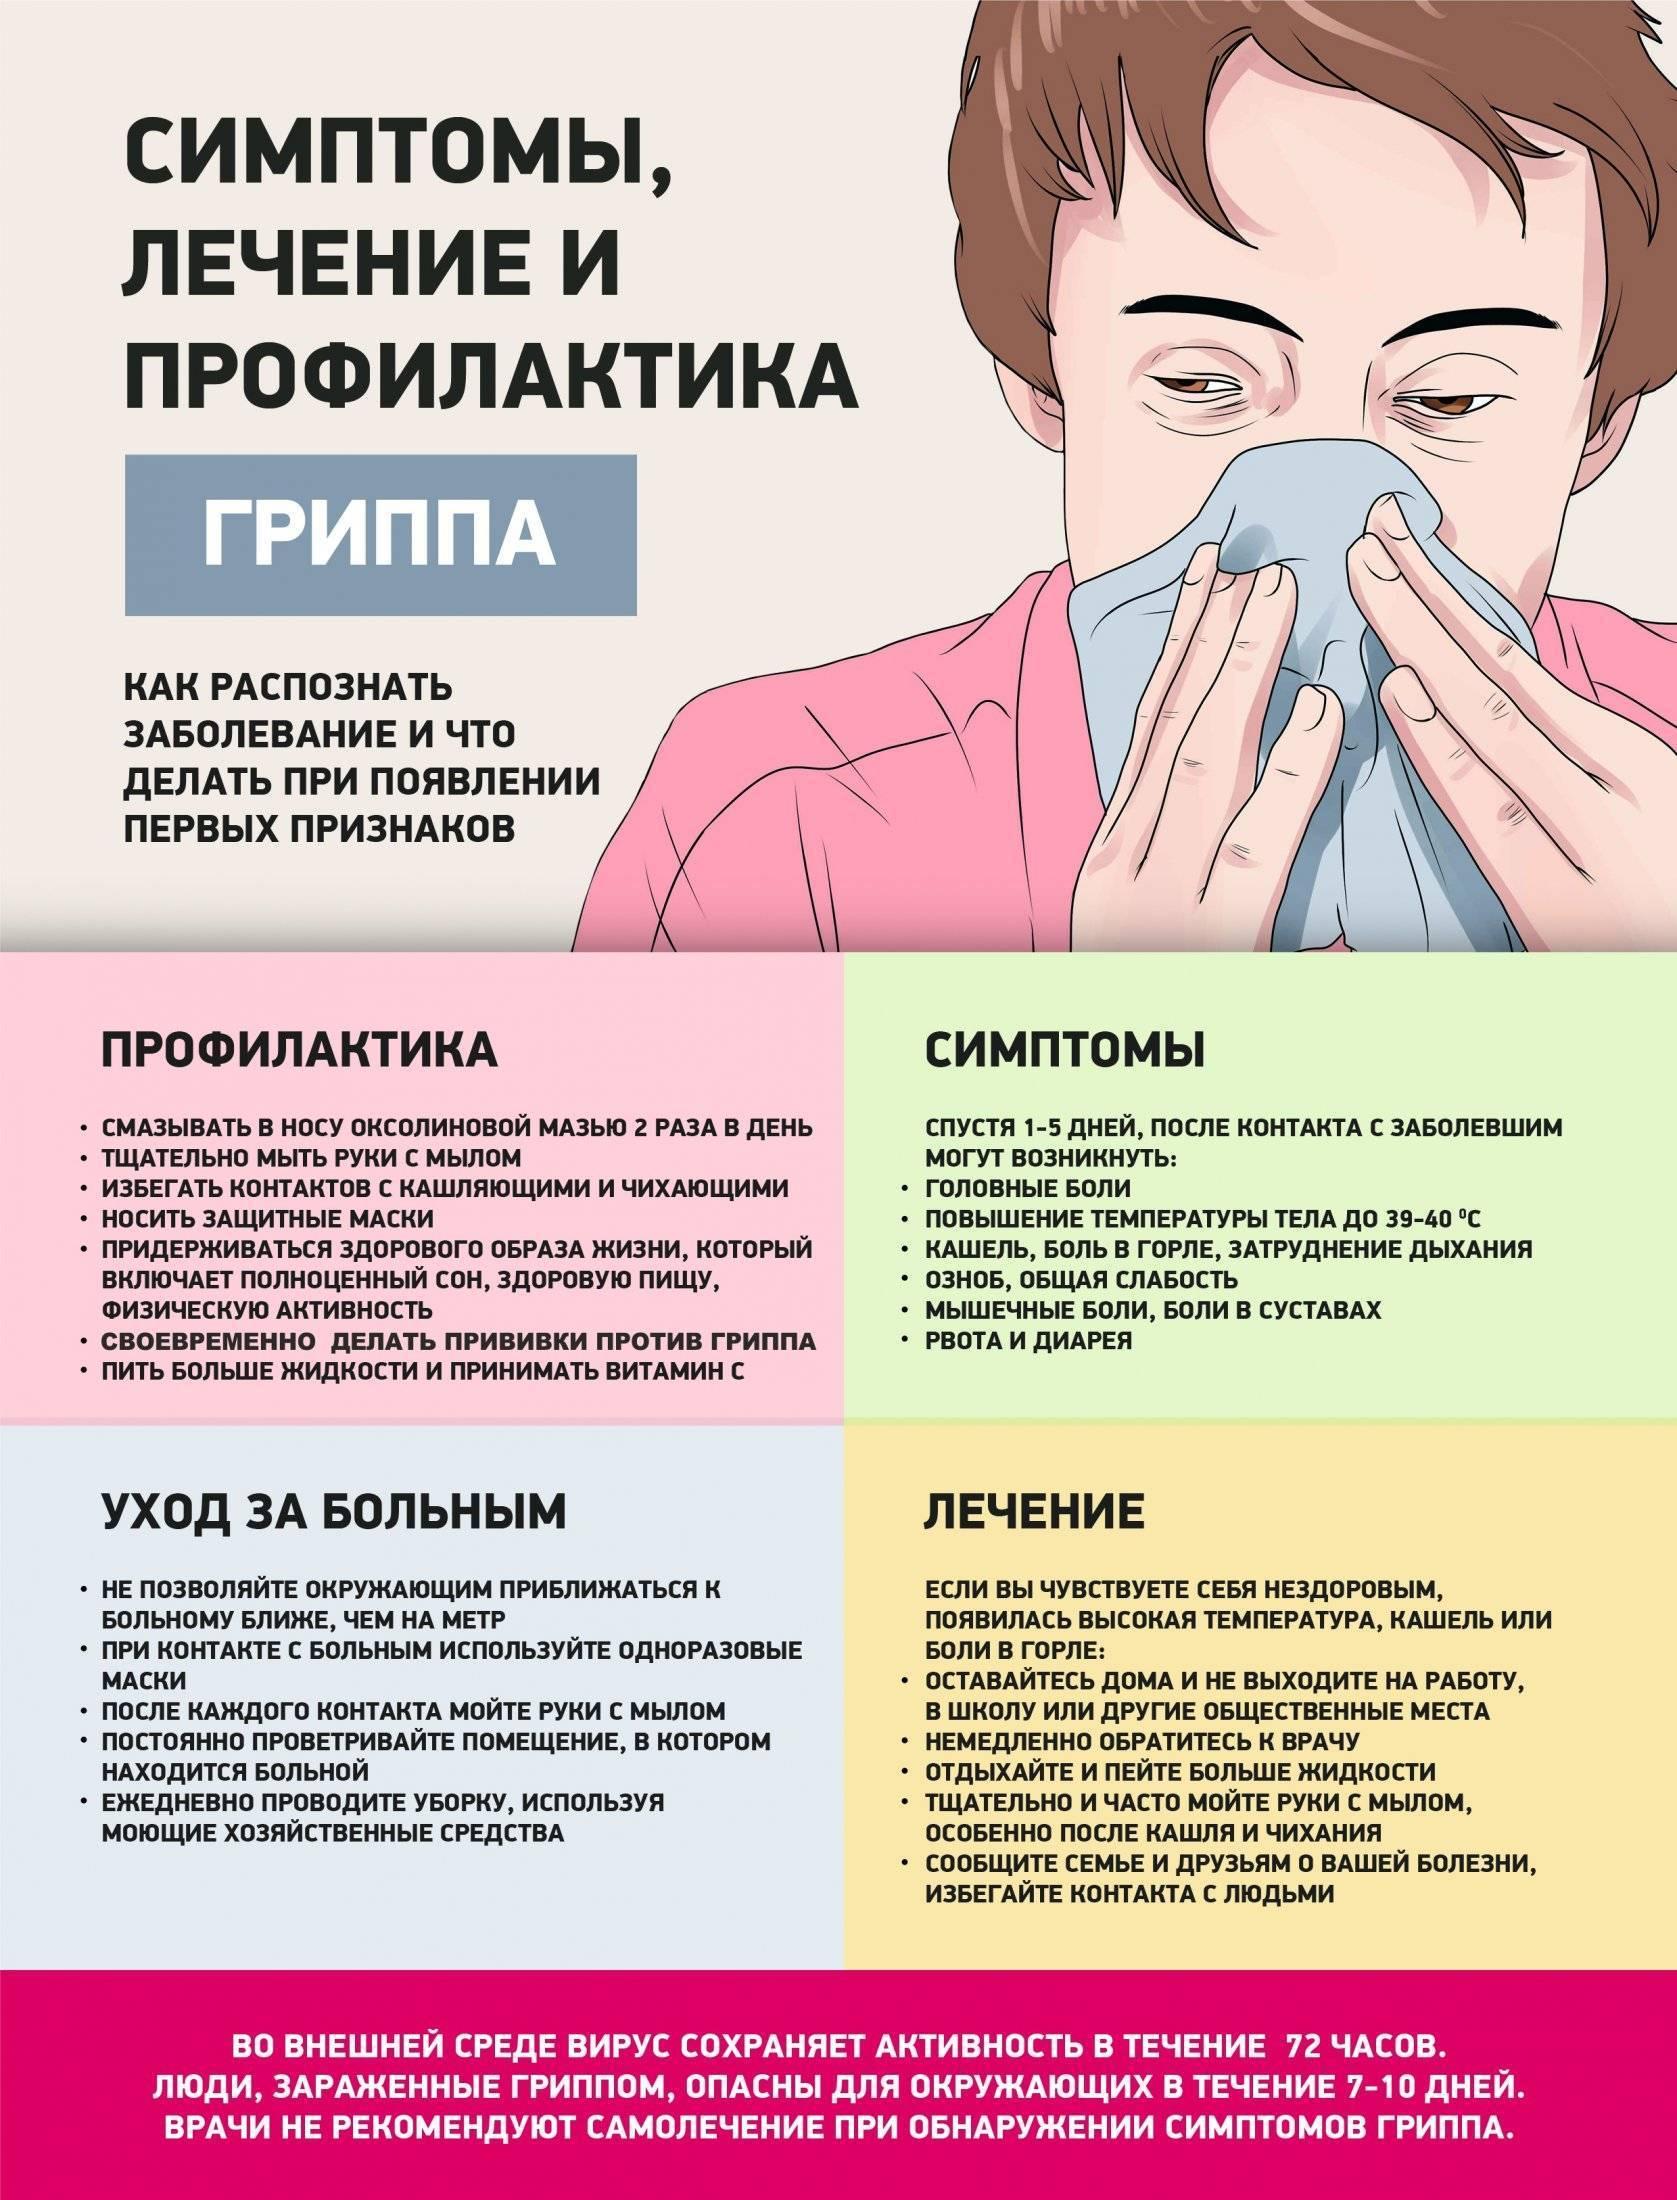 Средство от чихания, аллергии и насморка – что делать и как вылечить